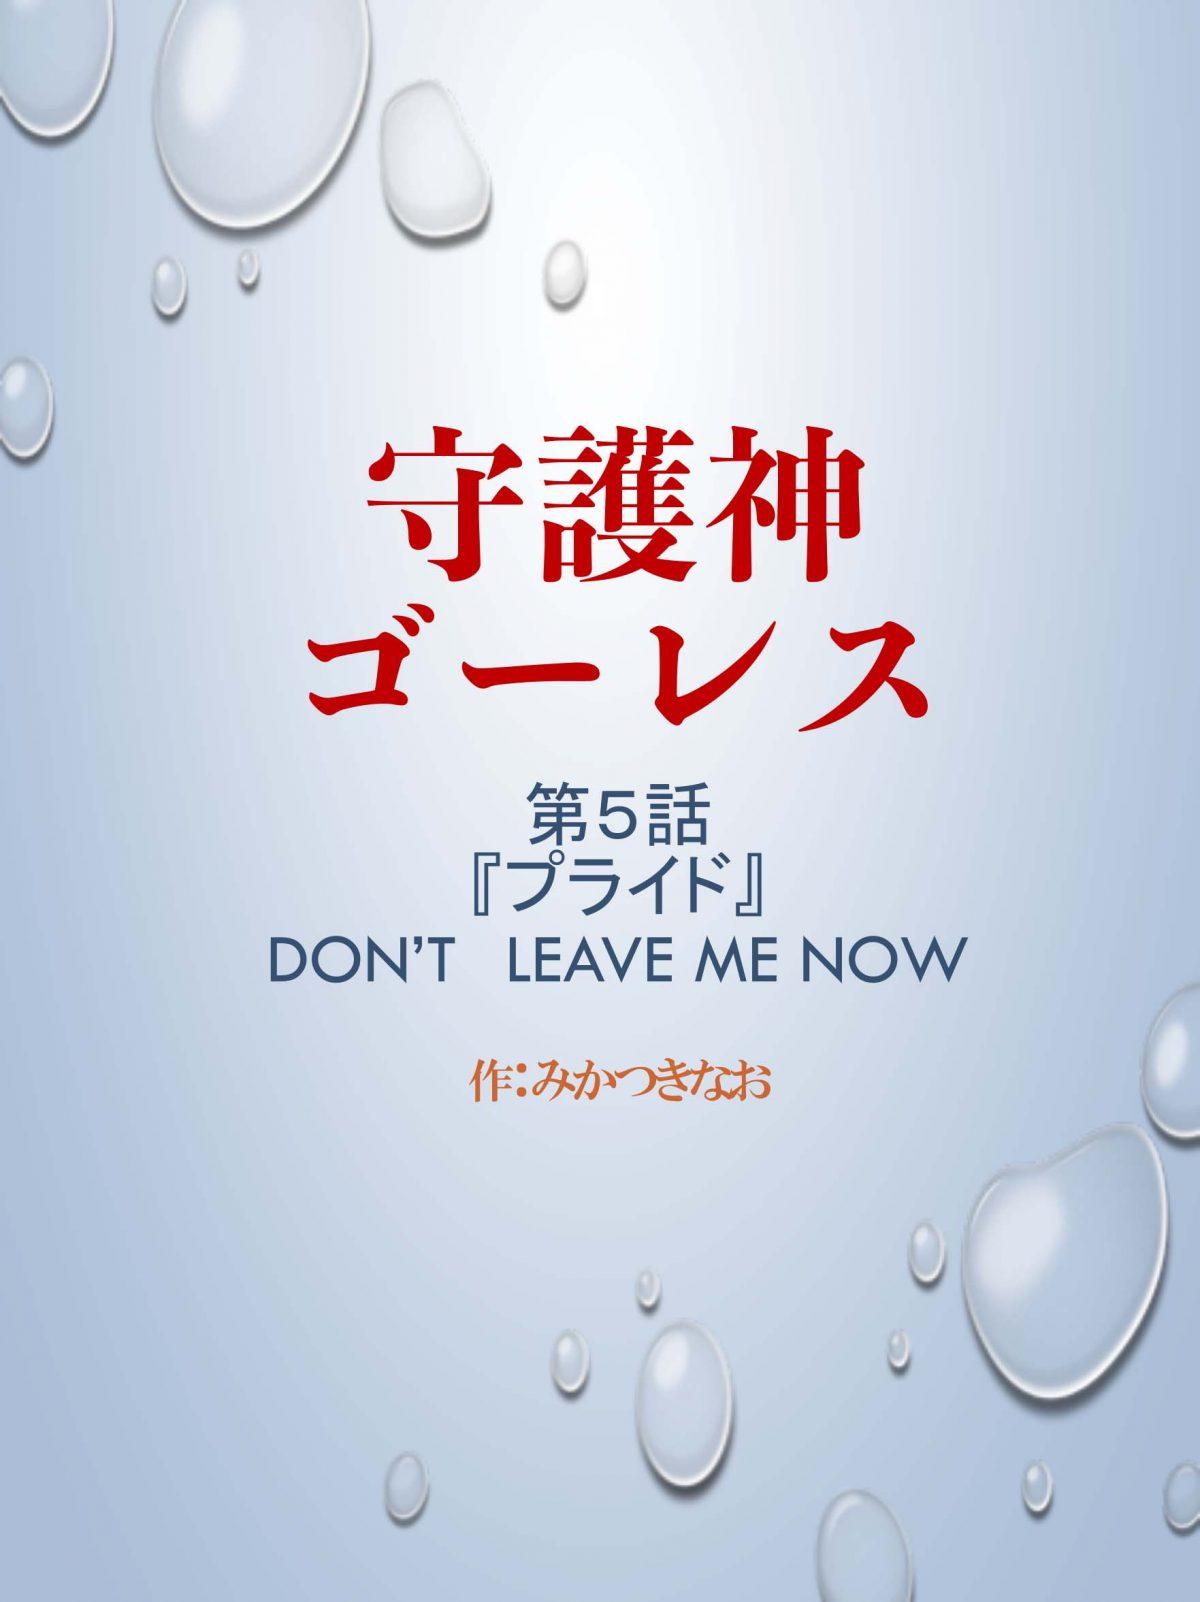 守護神ゴーレス  第5話 『プライド』  Don't leave me now